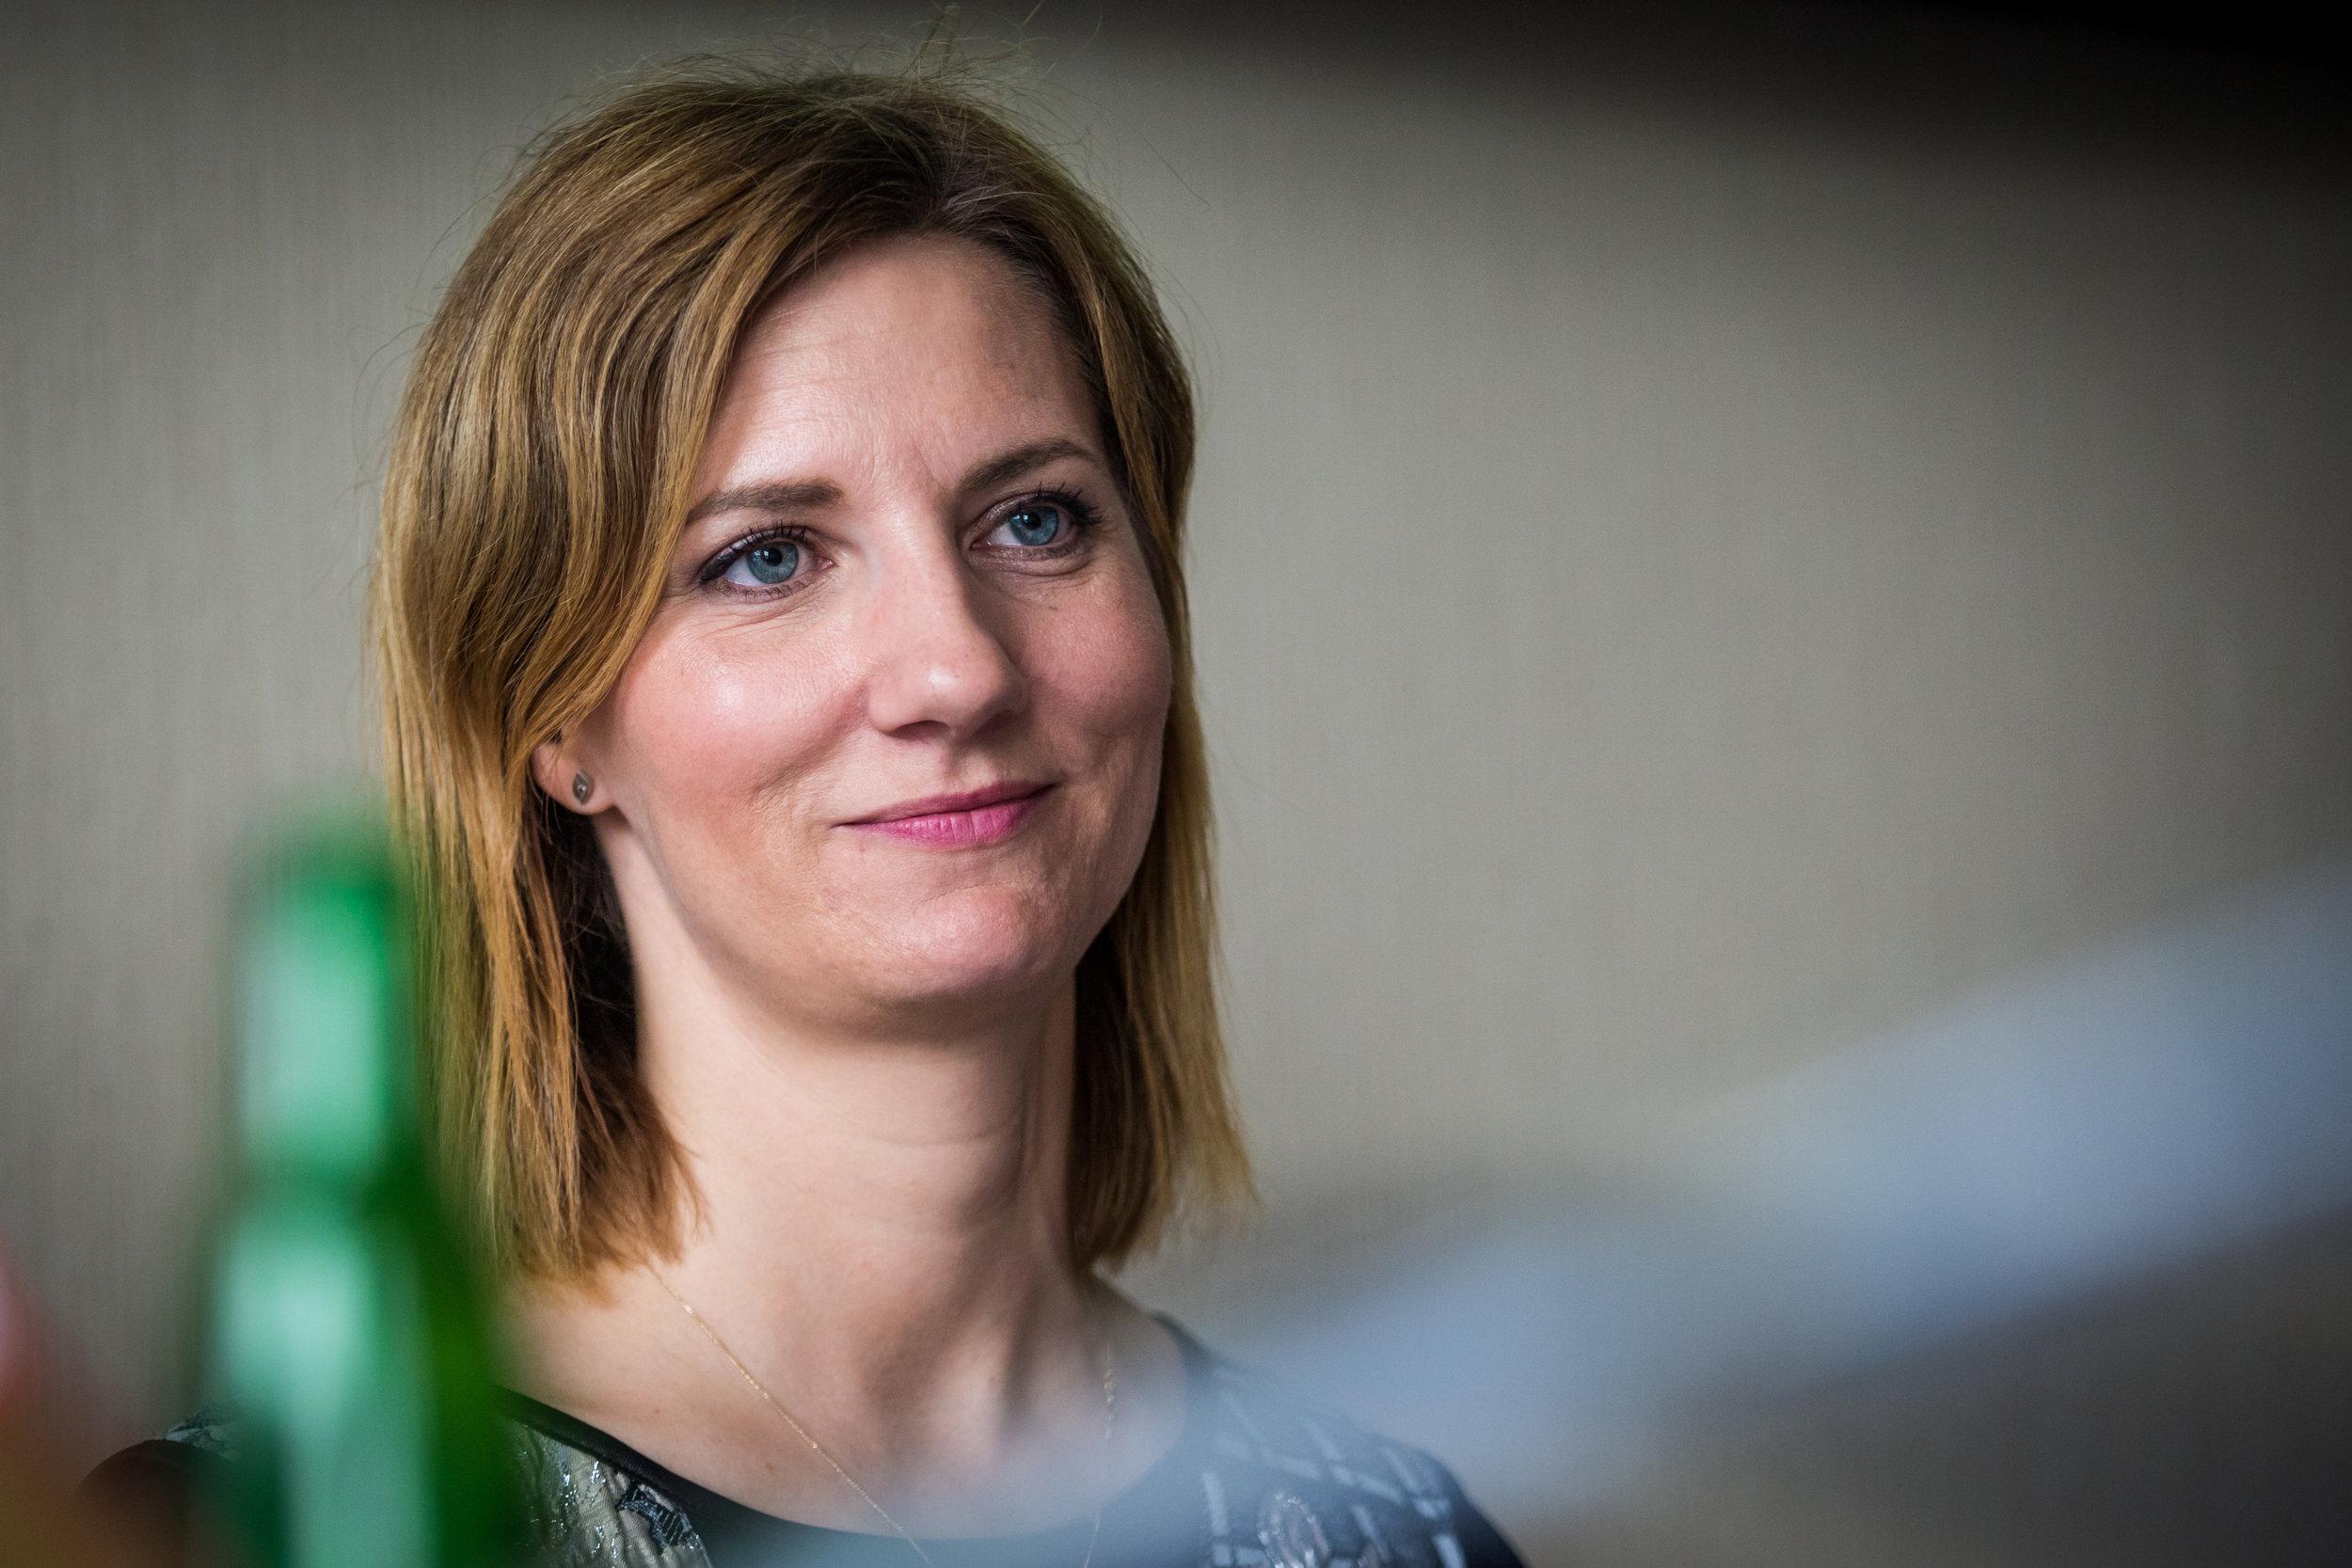 Markéta Vaňková - Mayor of the Statutory City of Brno